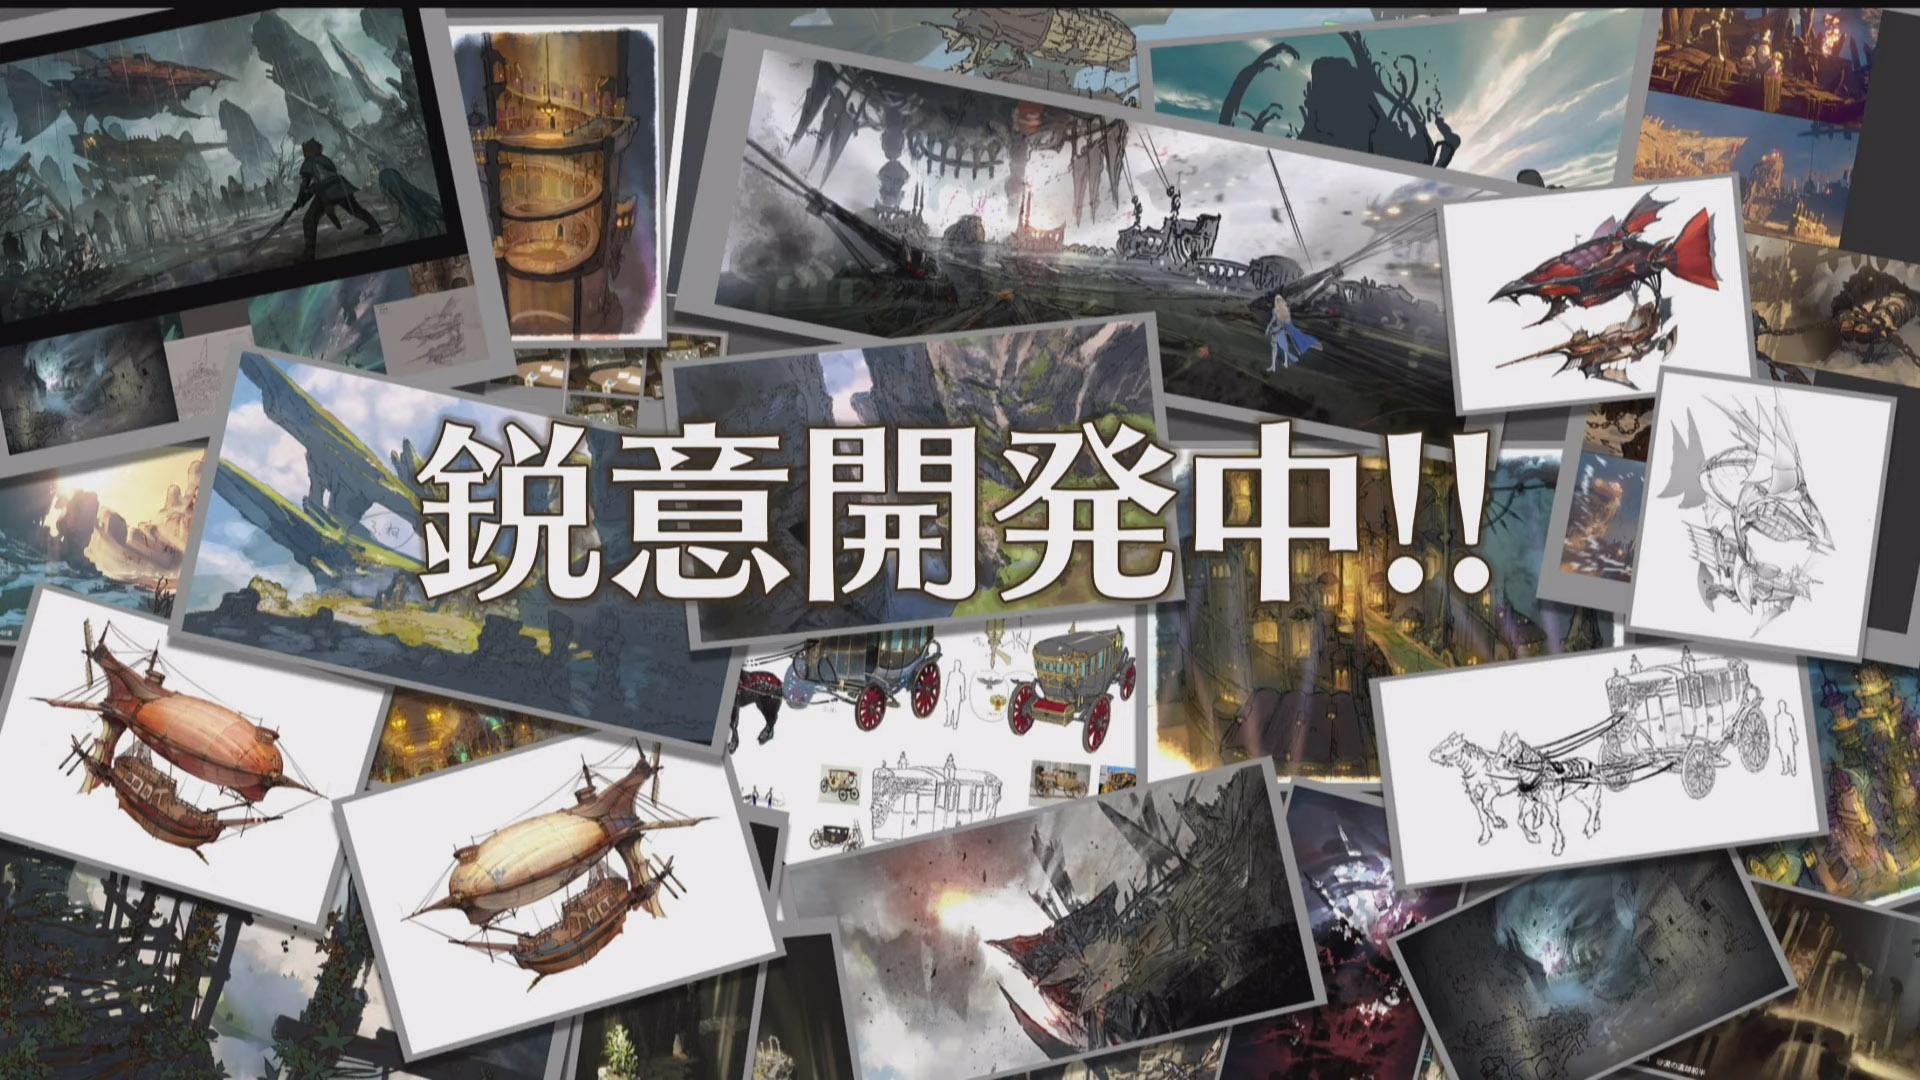 《碧蓝幻想》将于8月举办直播活动 《Relink》有望亮相